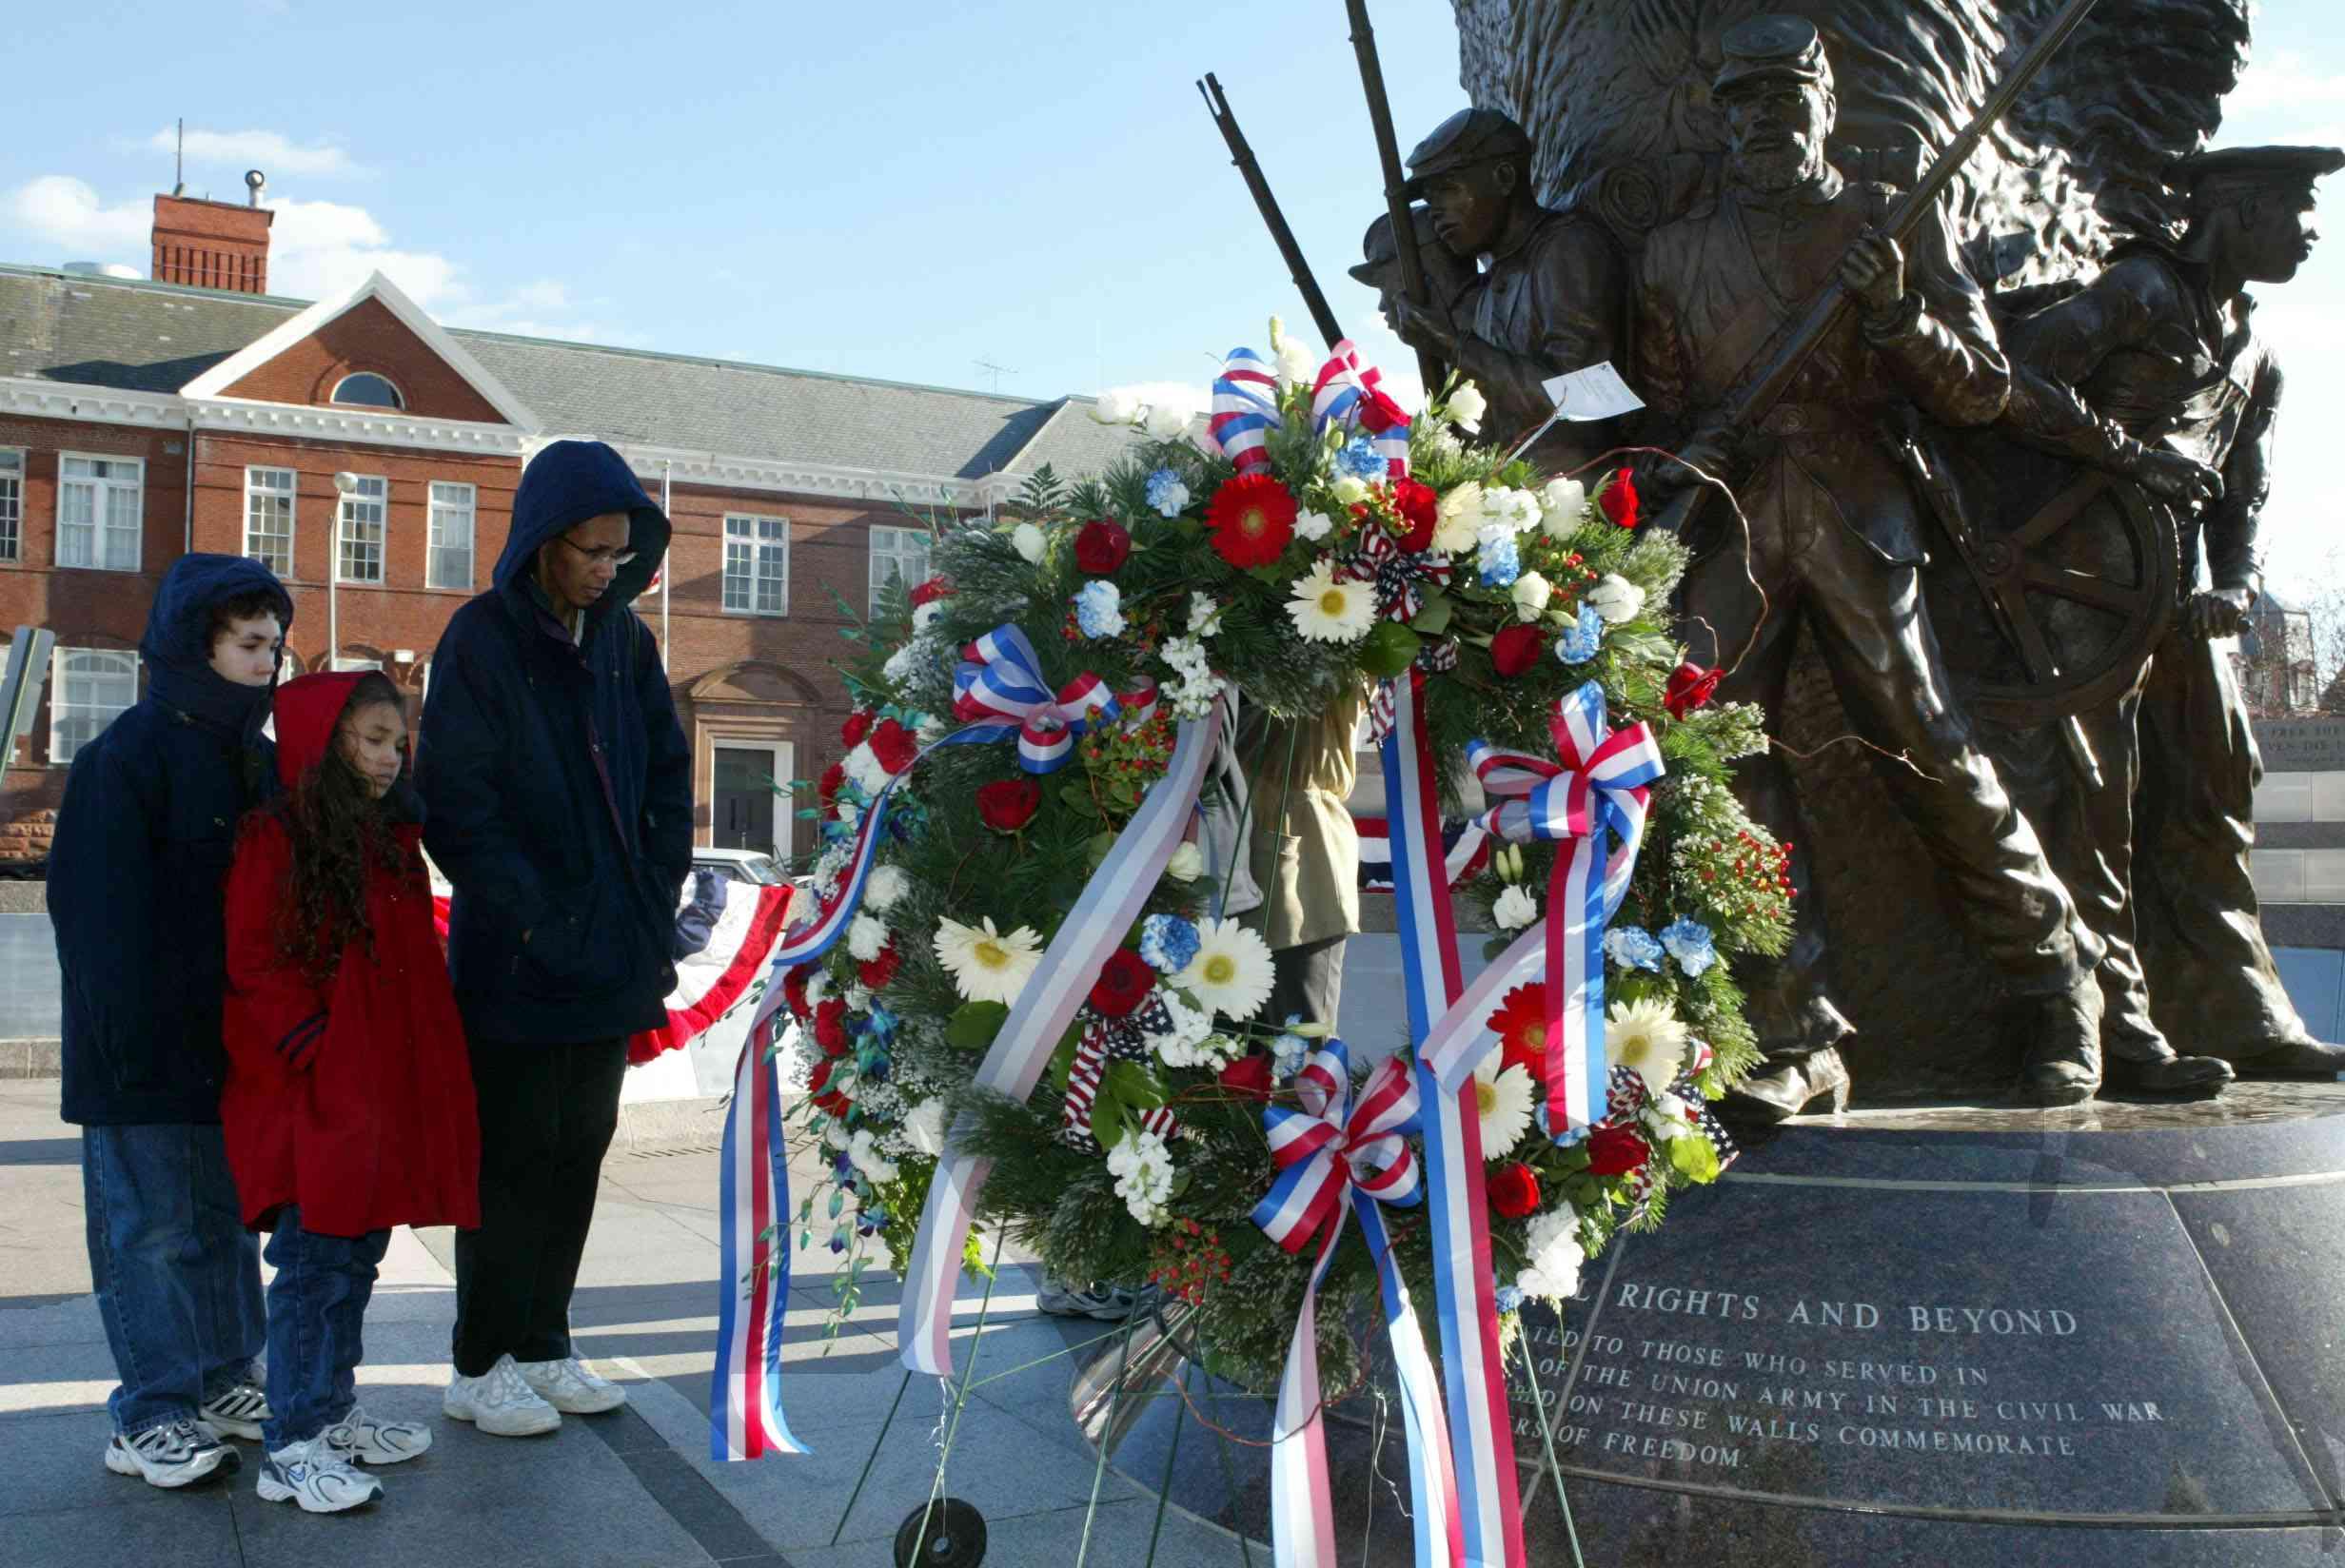 Ceremonia de colocación de guirnaldas en honor del Dr. Martin Luther King, Jr. en Washington